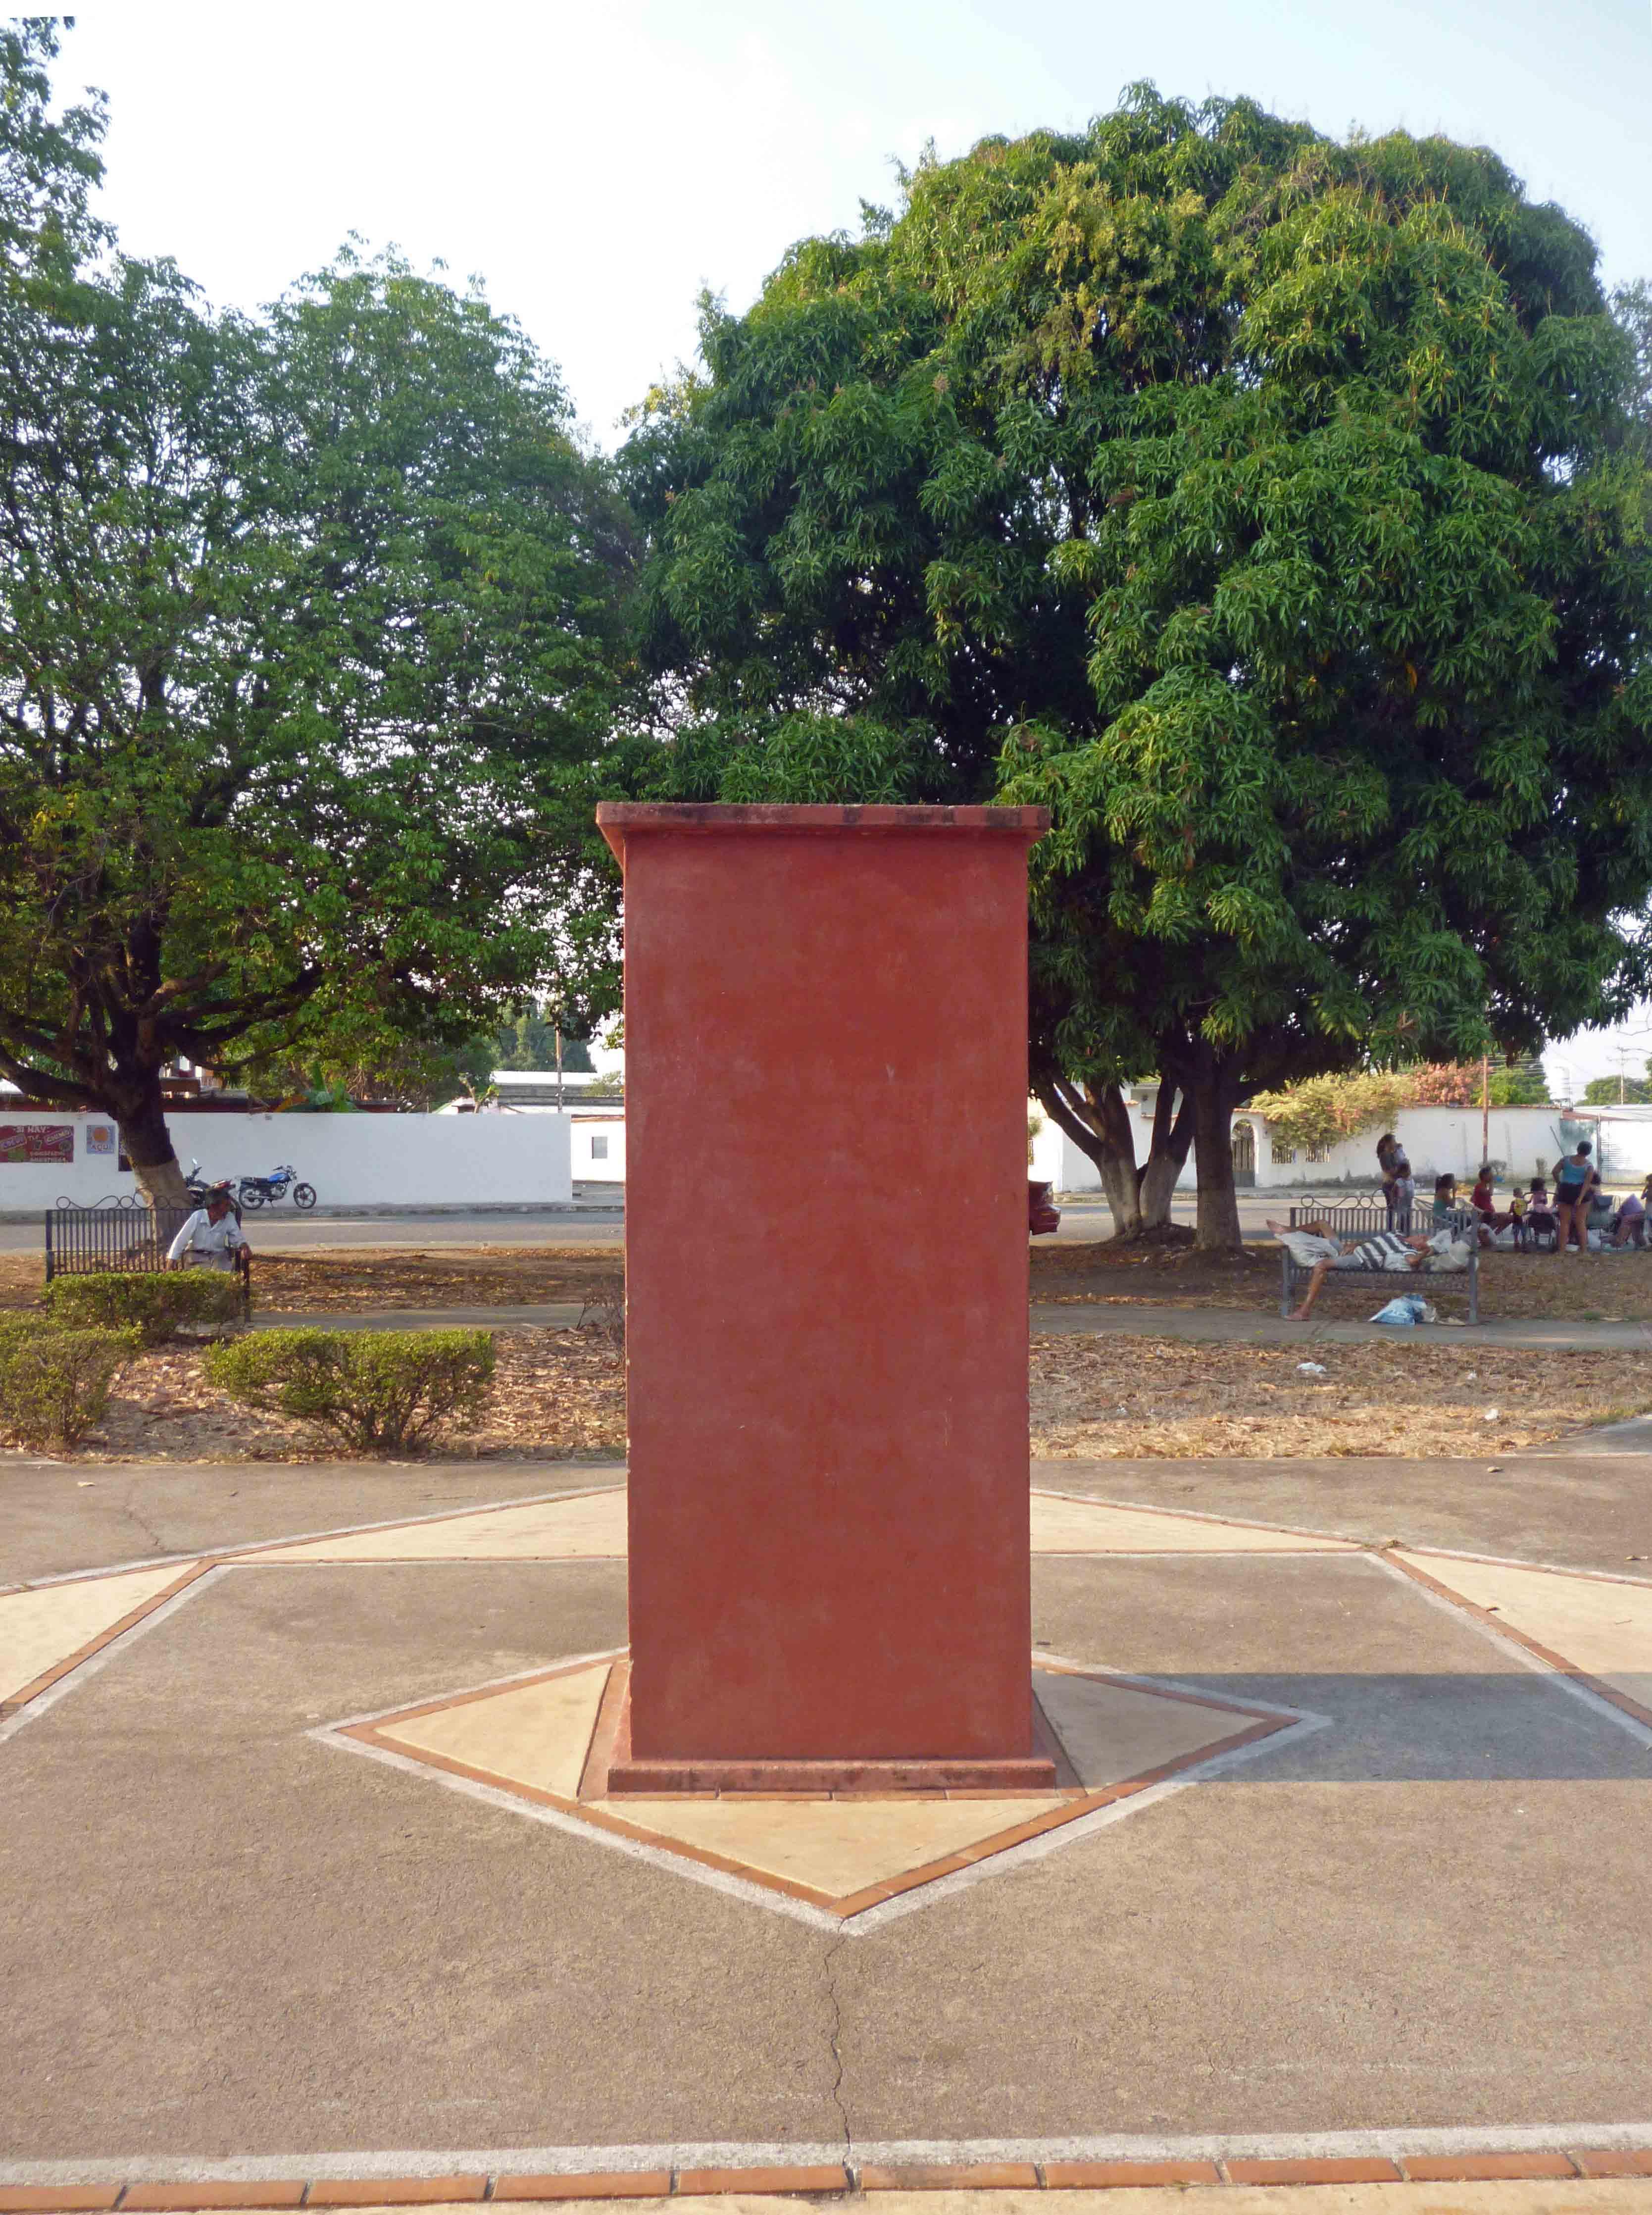 Pedestal sin el busto de Negro Primero, hurtado en abril. Barinas, estado Barinas. Foto Marinela Araque, abril 2019.